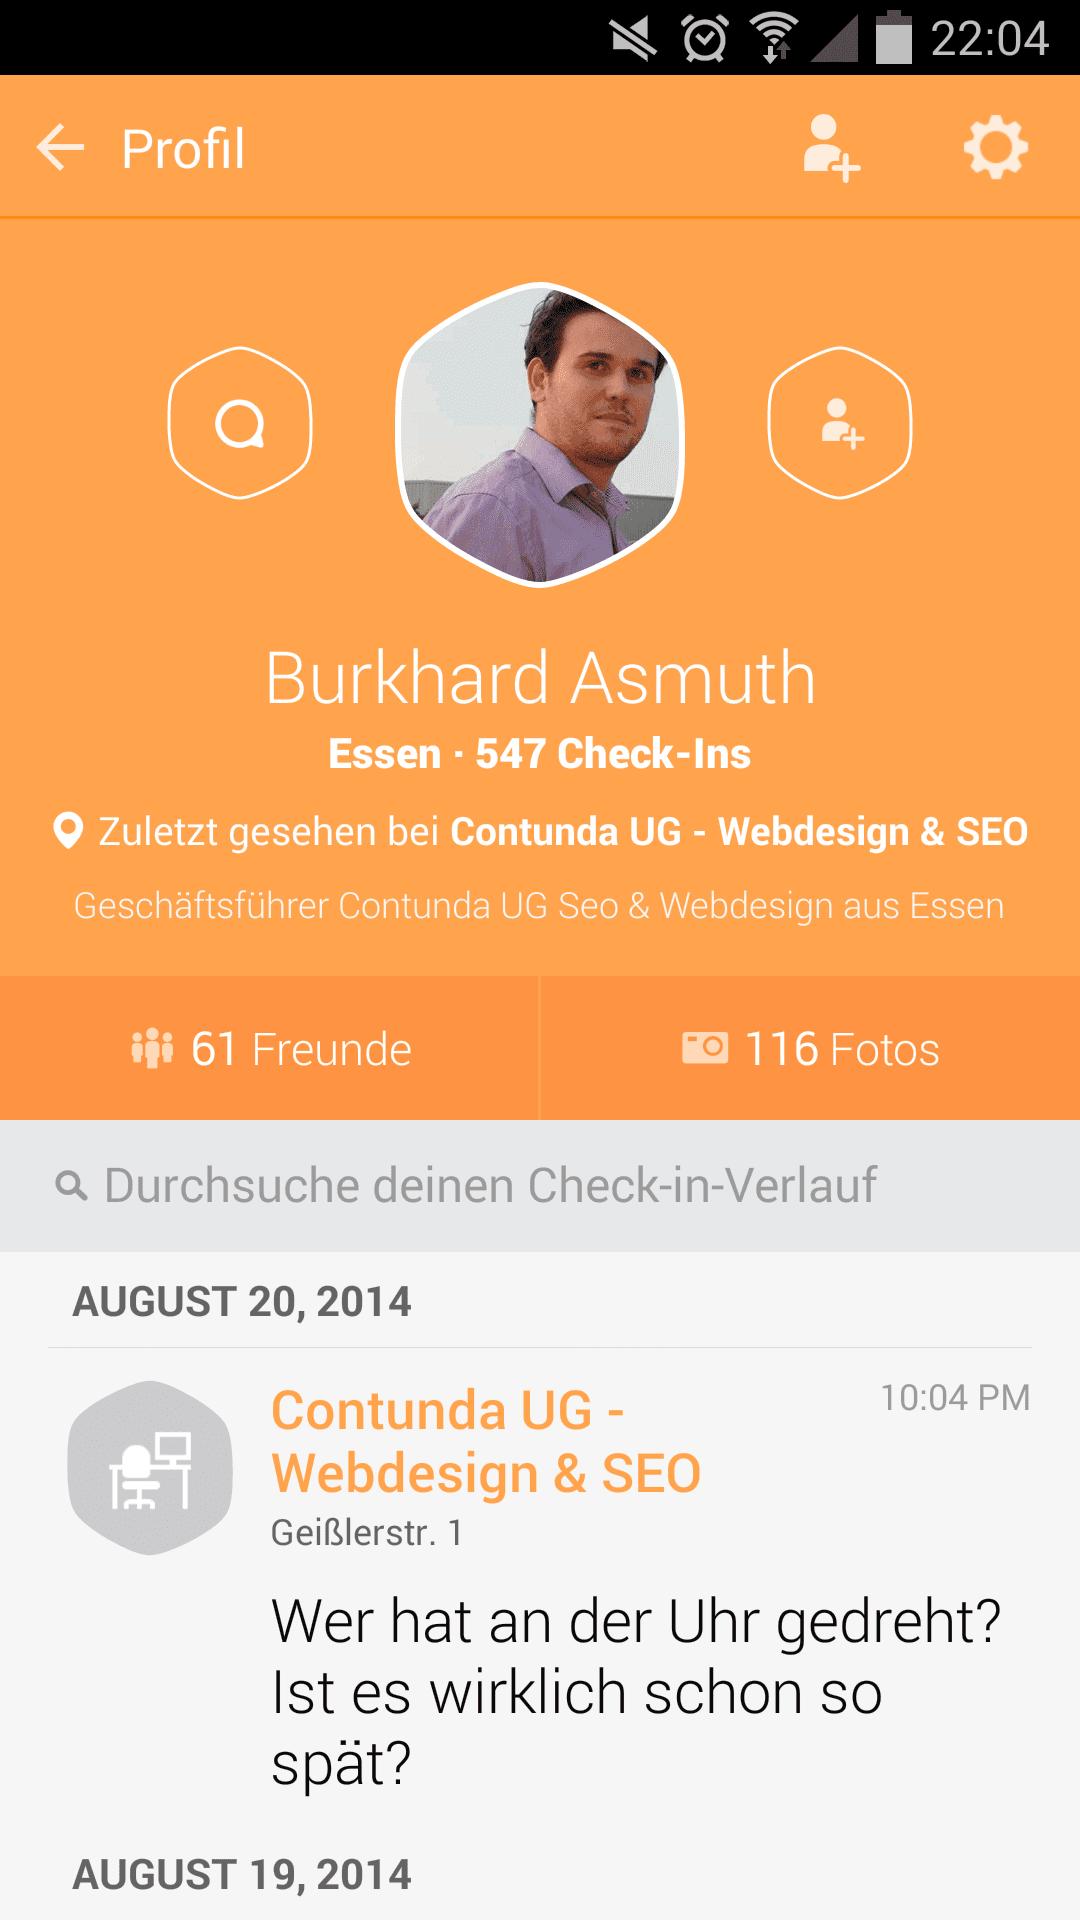 Swarm Account von Burkhard Asmuth